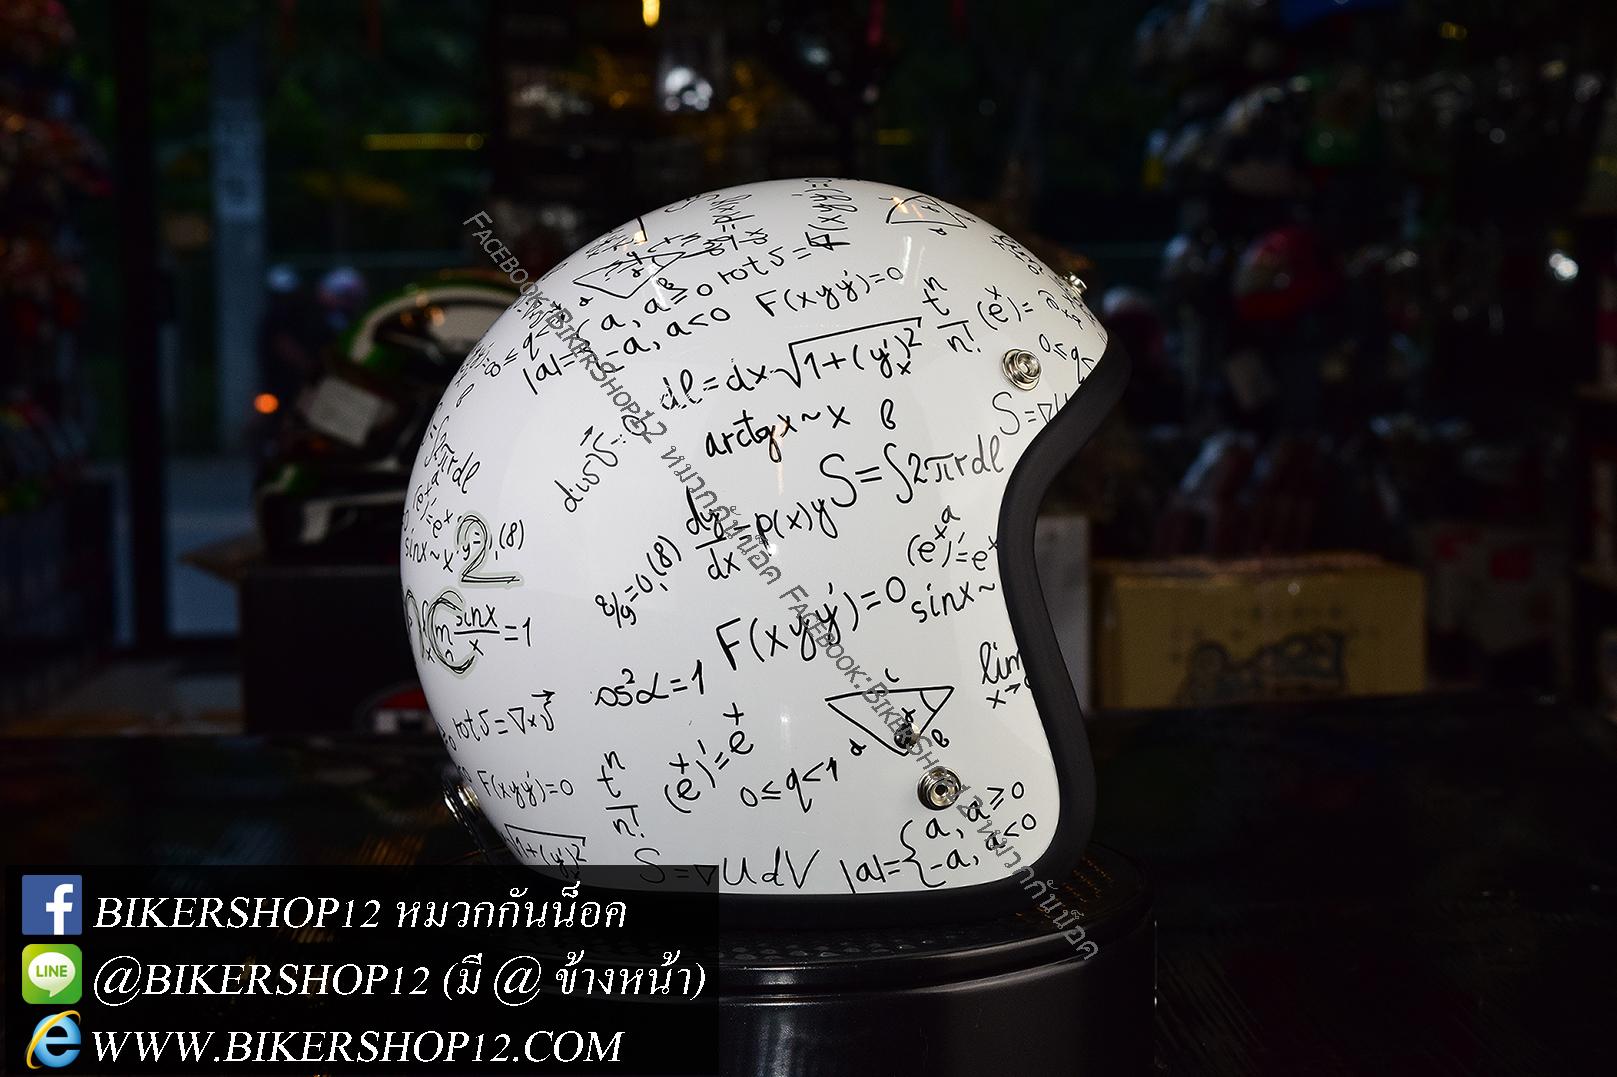 หมวกกันน็อคคลาสสิก 5เป๊ก สีMC2 ขาว